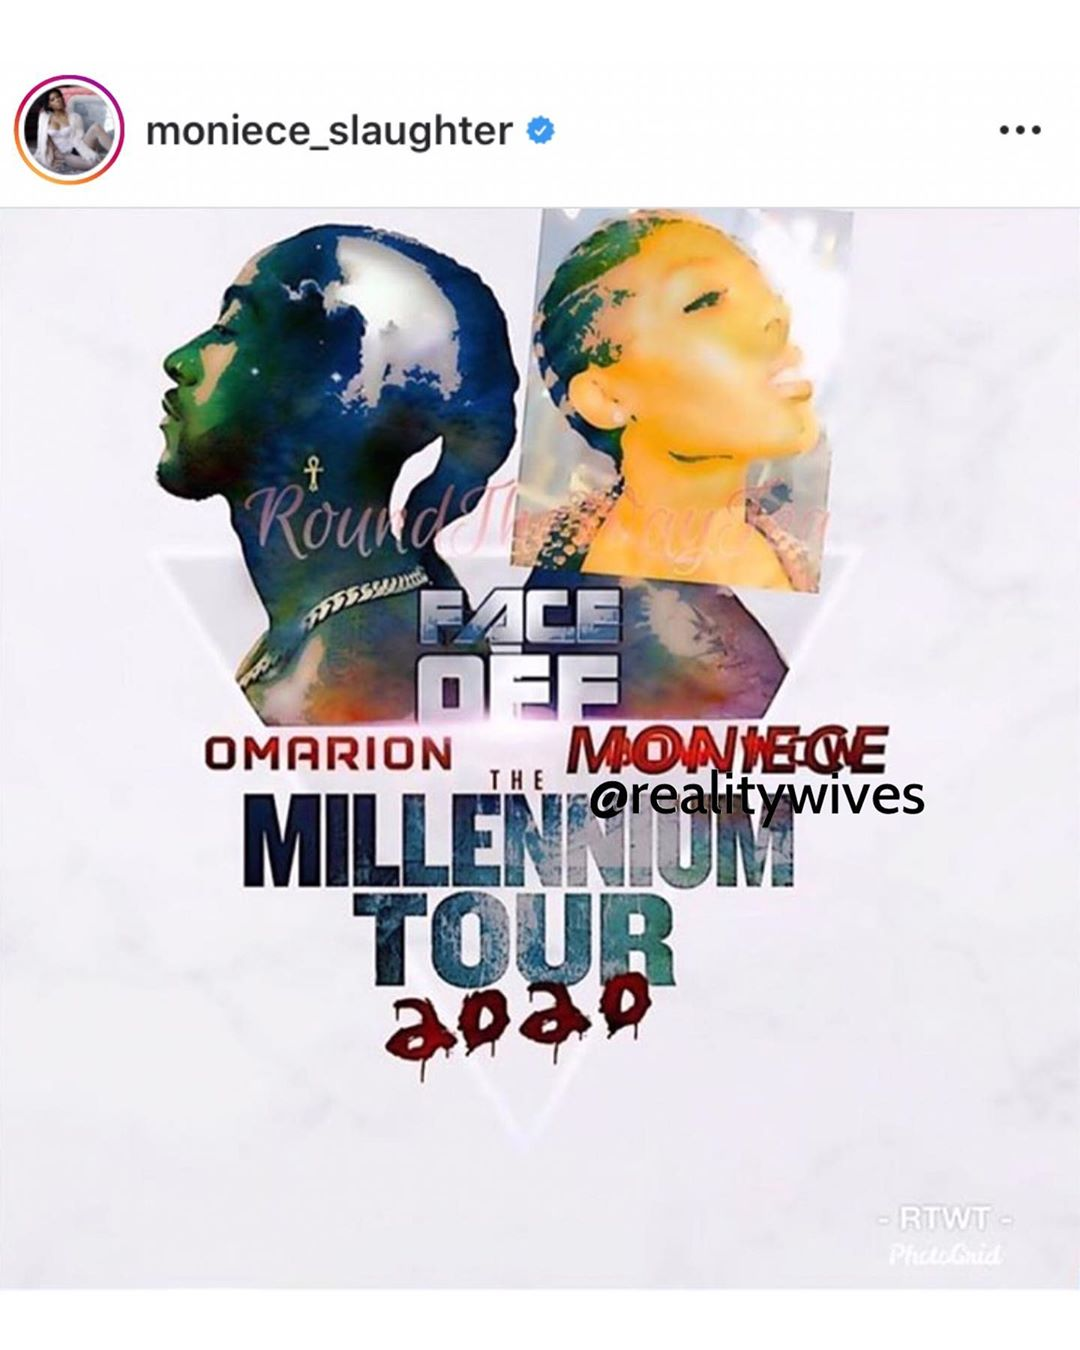 Moniece-Millennium 2020 Tour